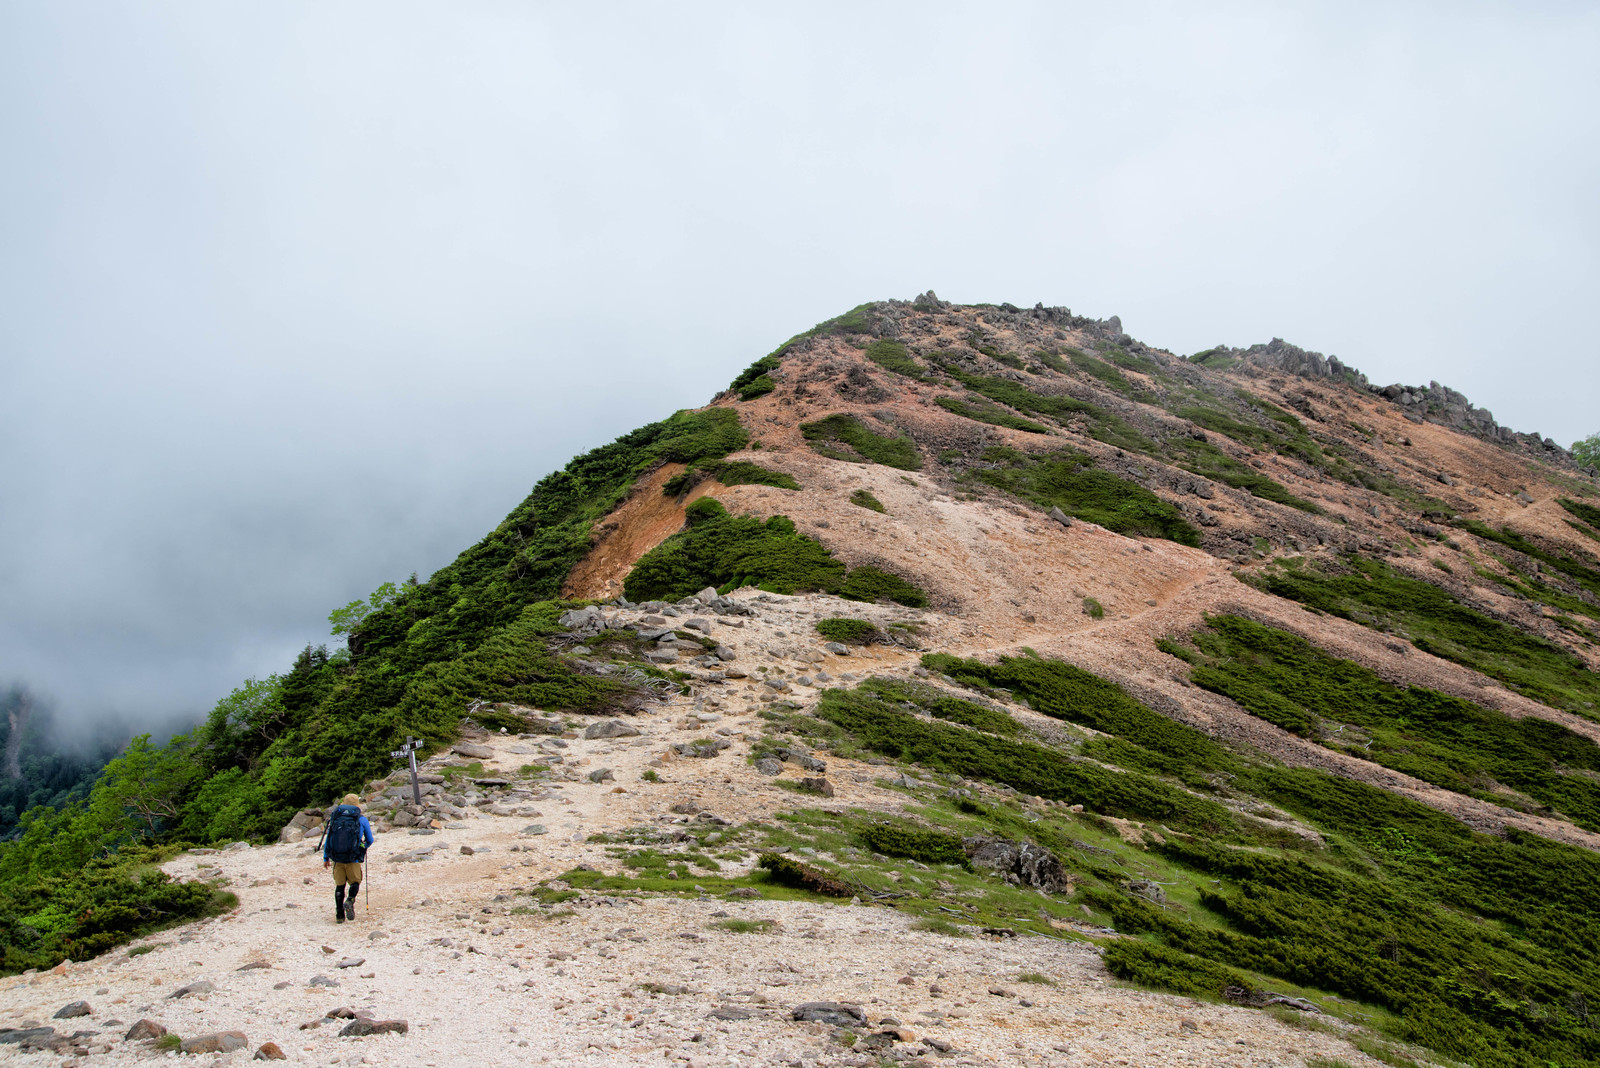 「天狗岳の稜線を歩く登山者(八ヶ岳連峰)」の写真